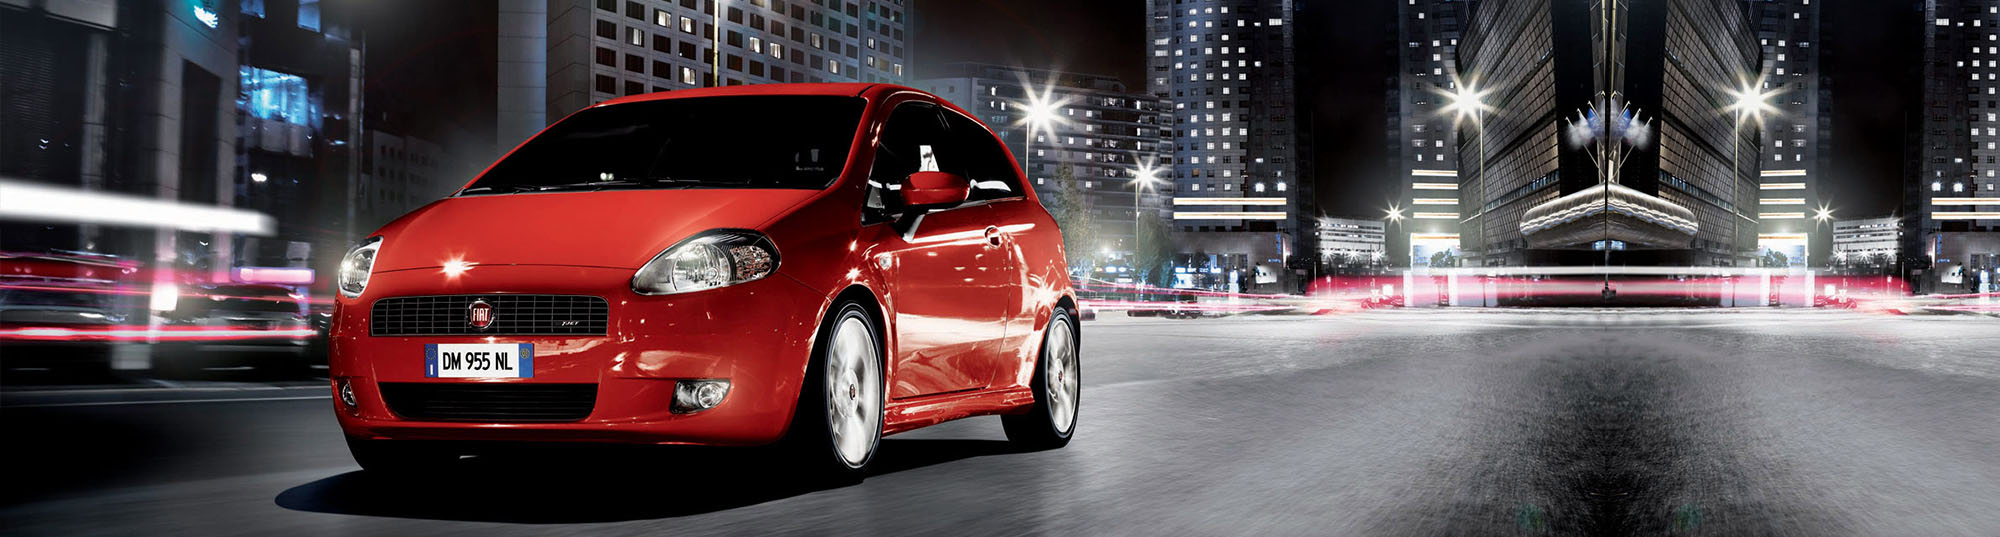 Melbourne Fiat Repairs 03 95717431 Fiat Donnini Repairs 03